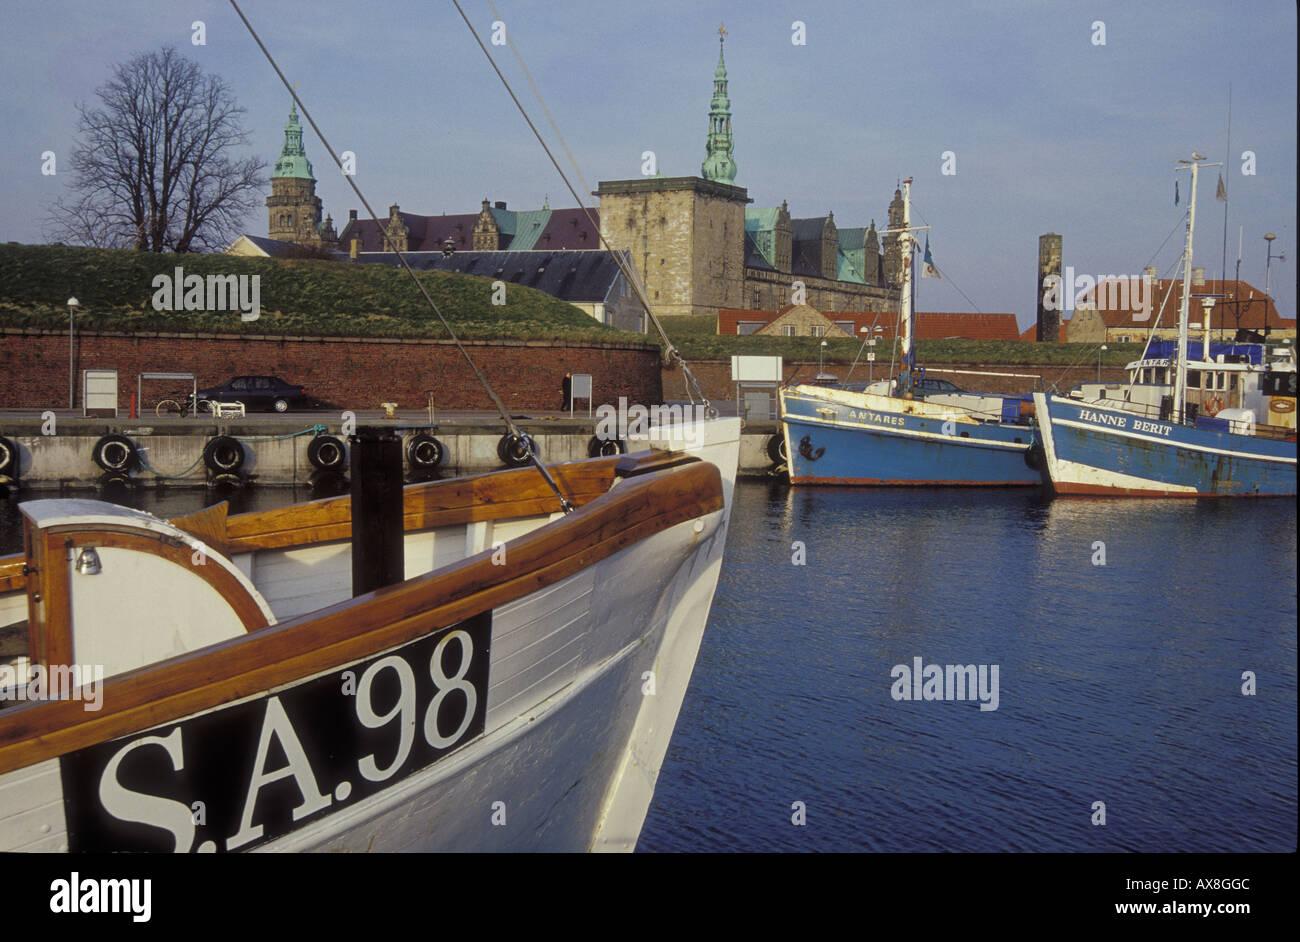 Helsingor Castle, Seeland Denmark - Stock Image